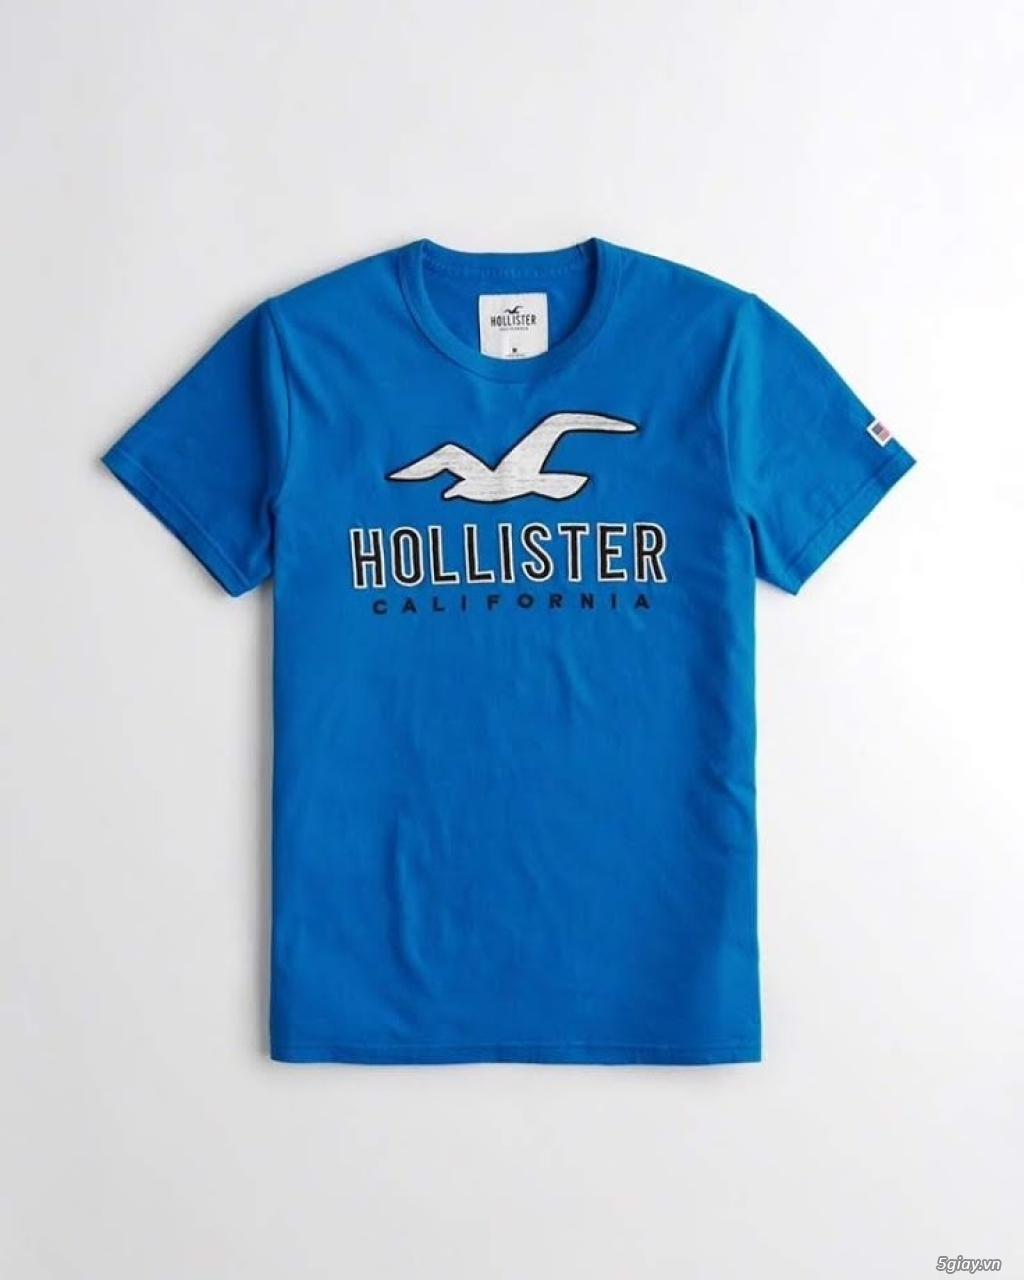 HCO shop chuyên hàng Hollister Abercrombie xách tay US chính hãng - 9